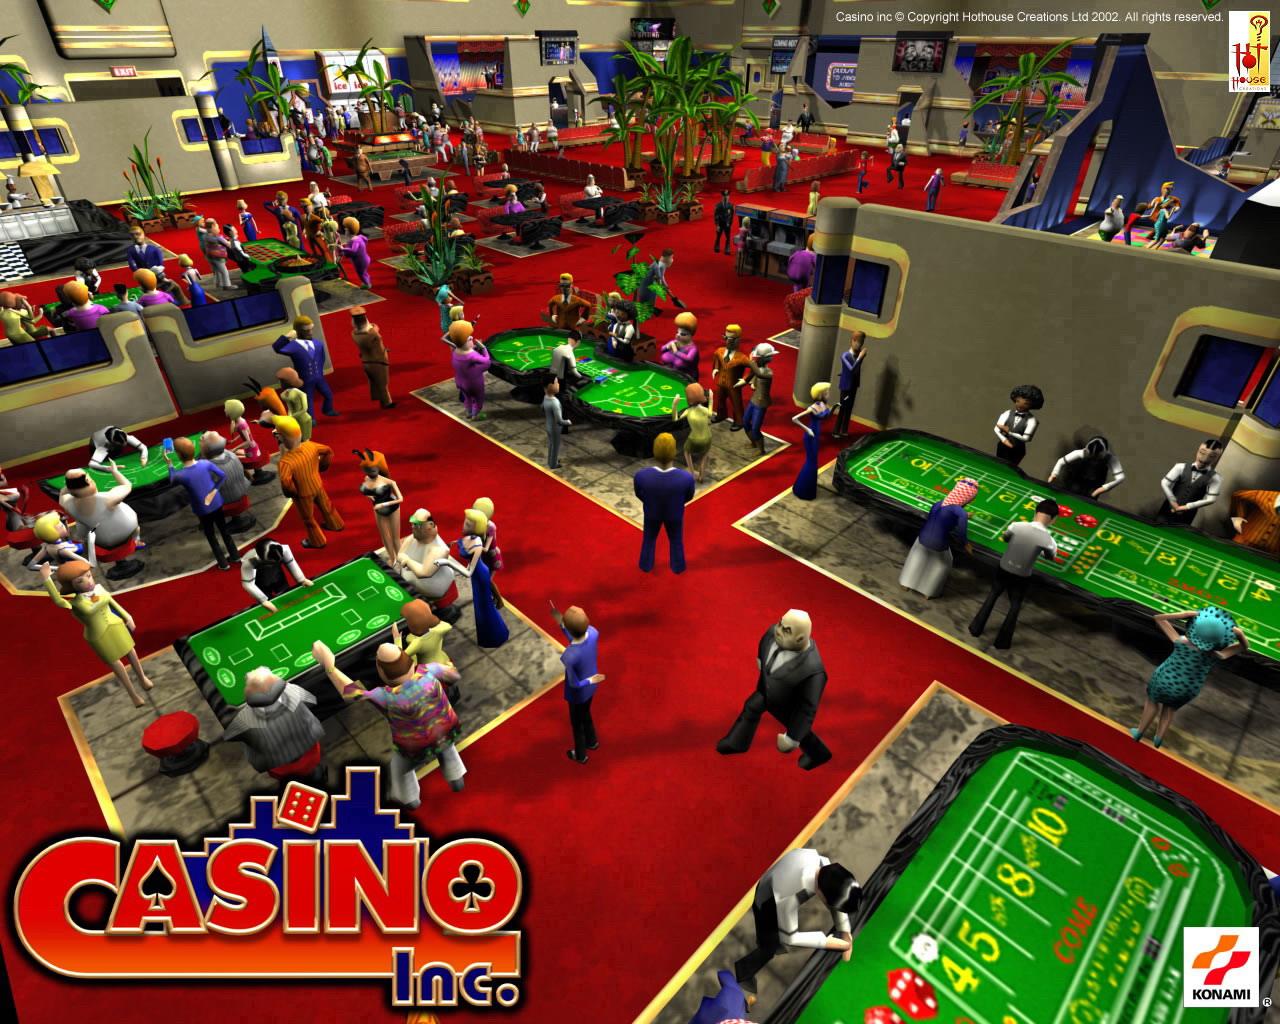 igra-korporatsiya-kazino